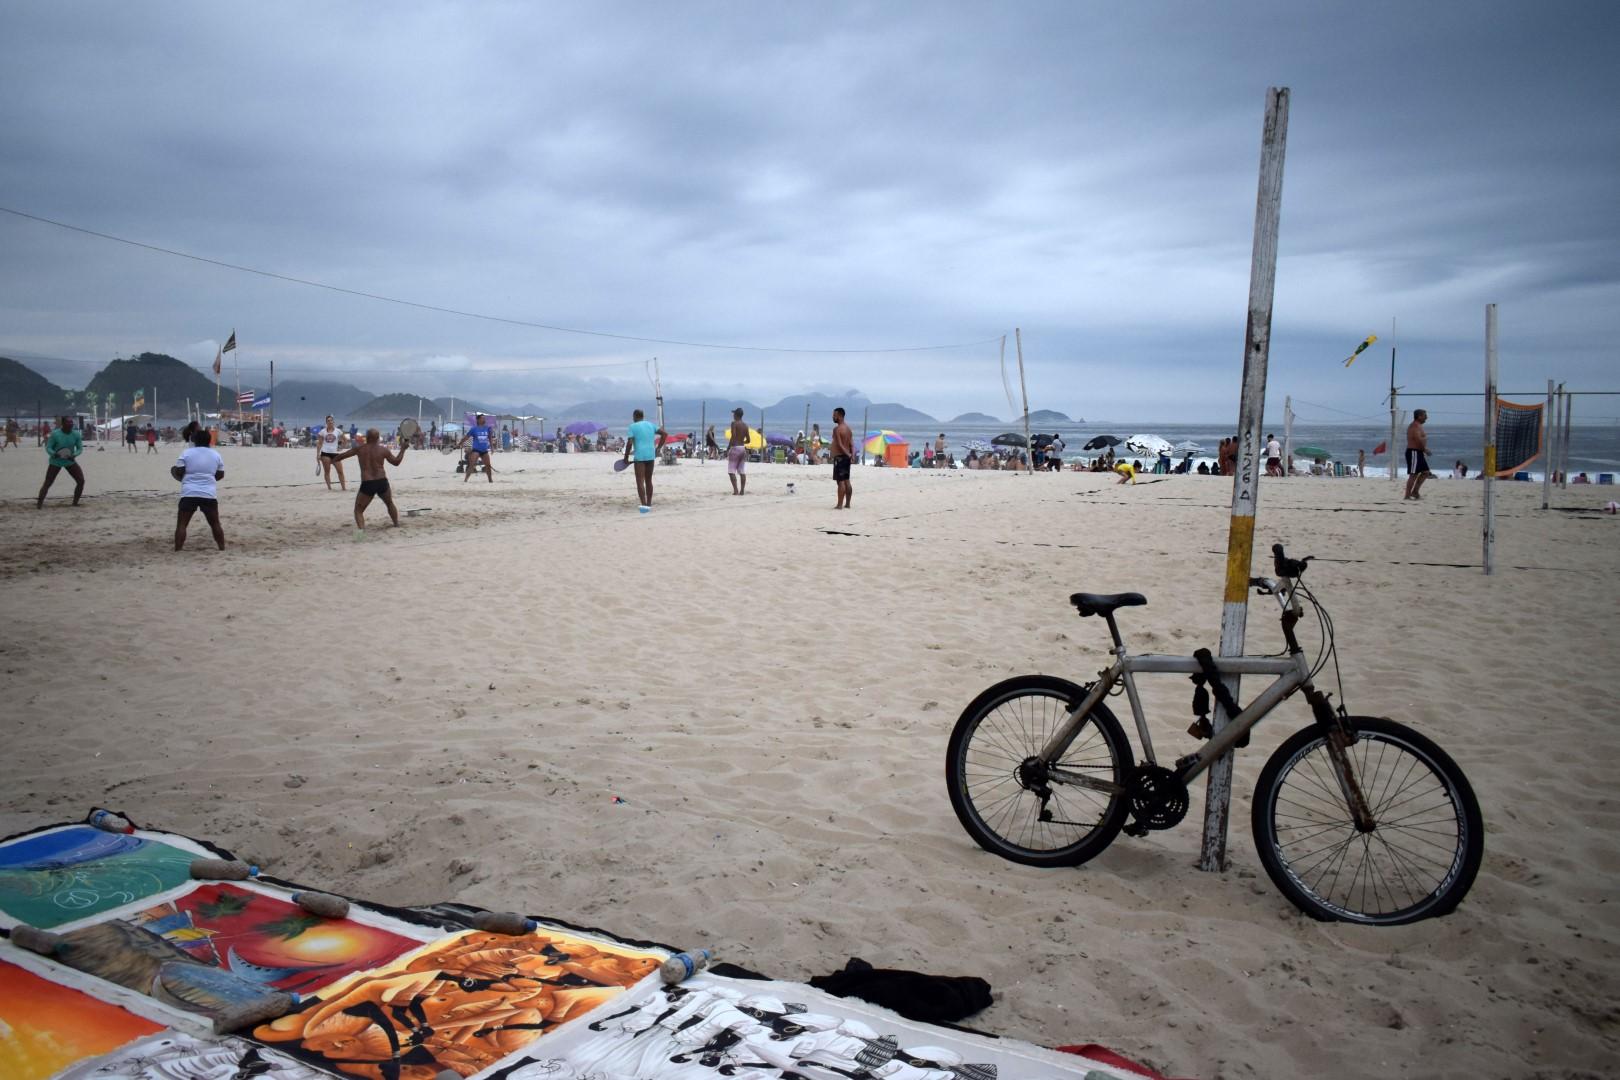 Praia de Copacabana, Copacabana, Rio de Janeiro